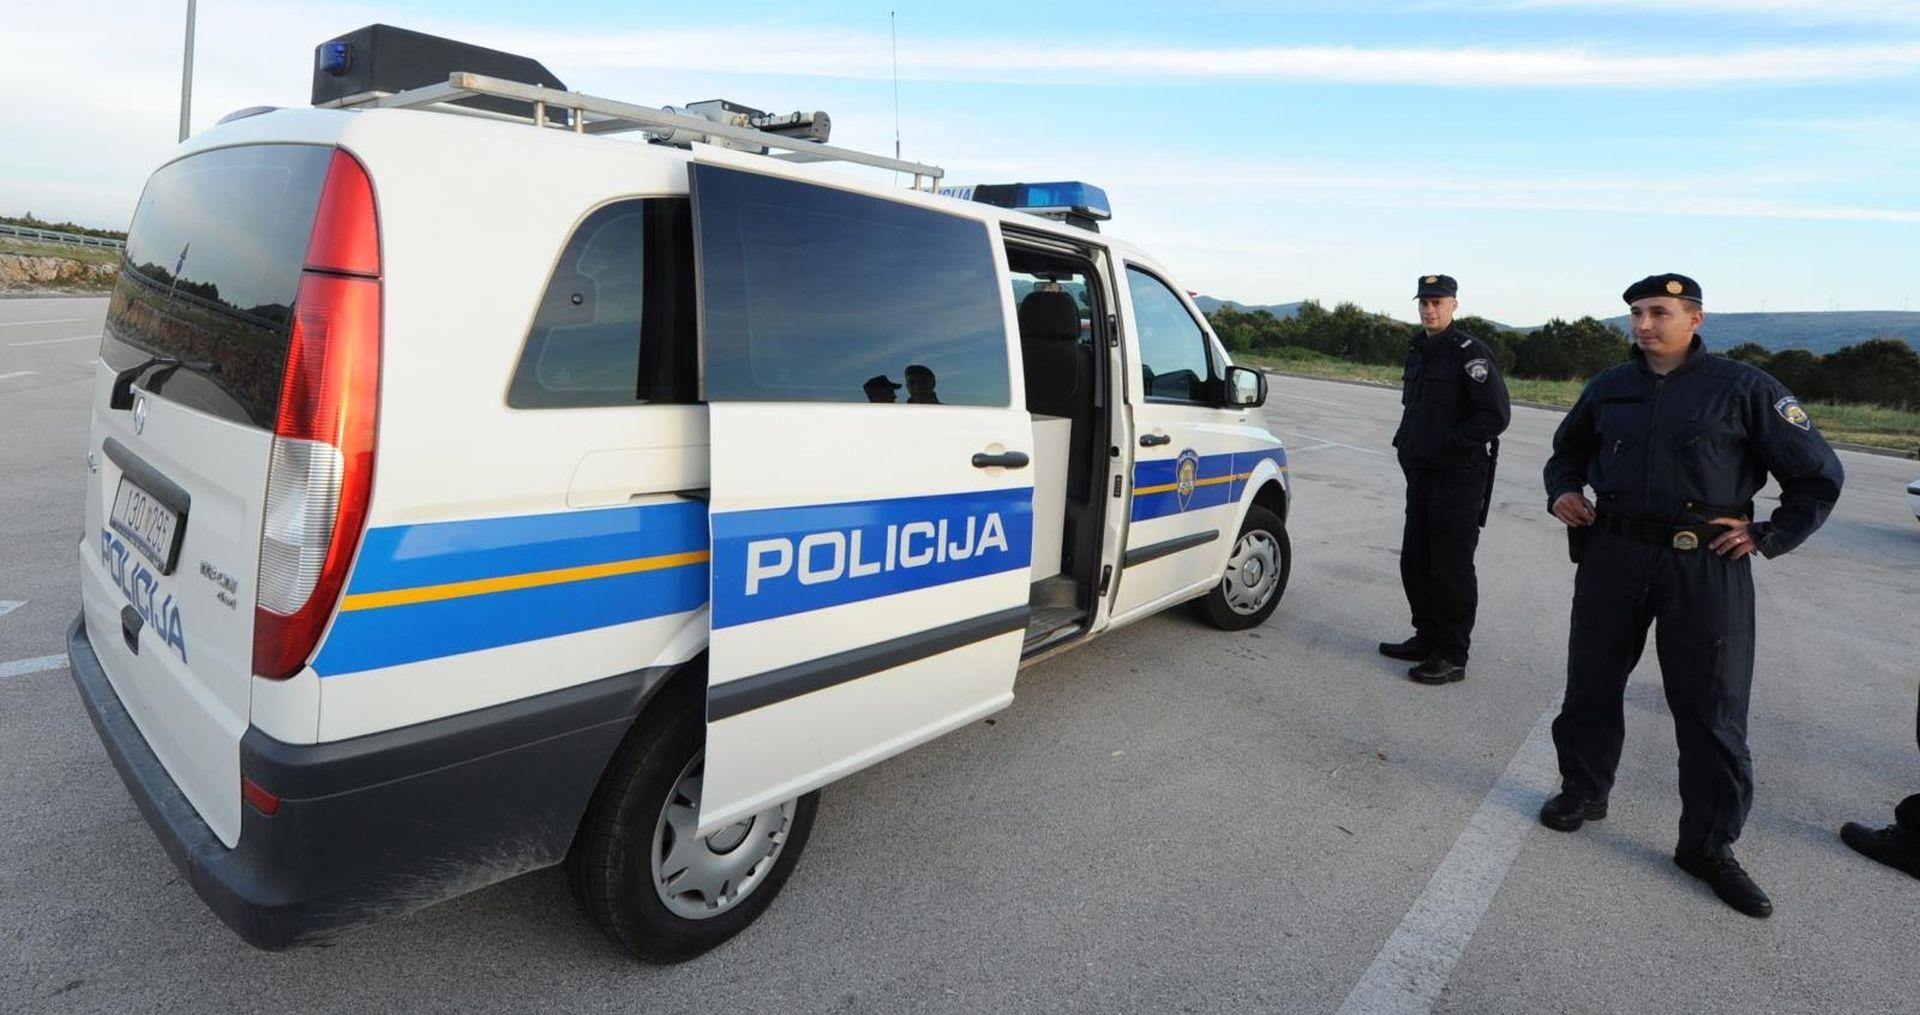 Policija blokirala autocestu kod Karlovca, u kamionu nađeni migranti